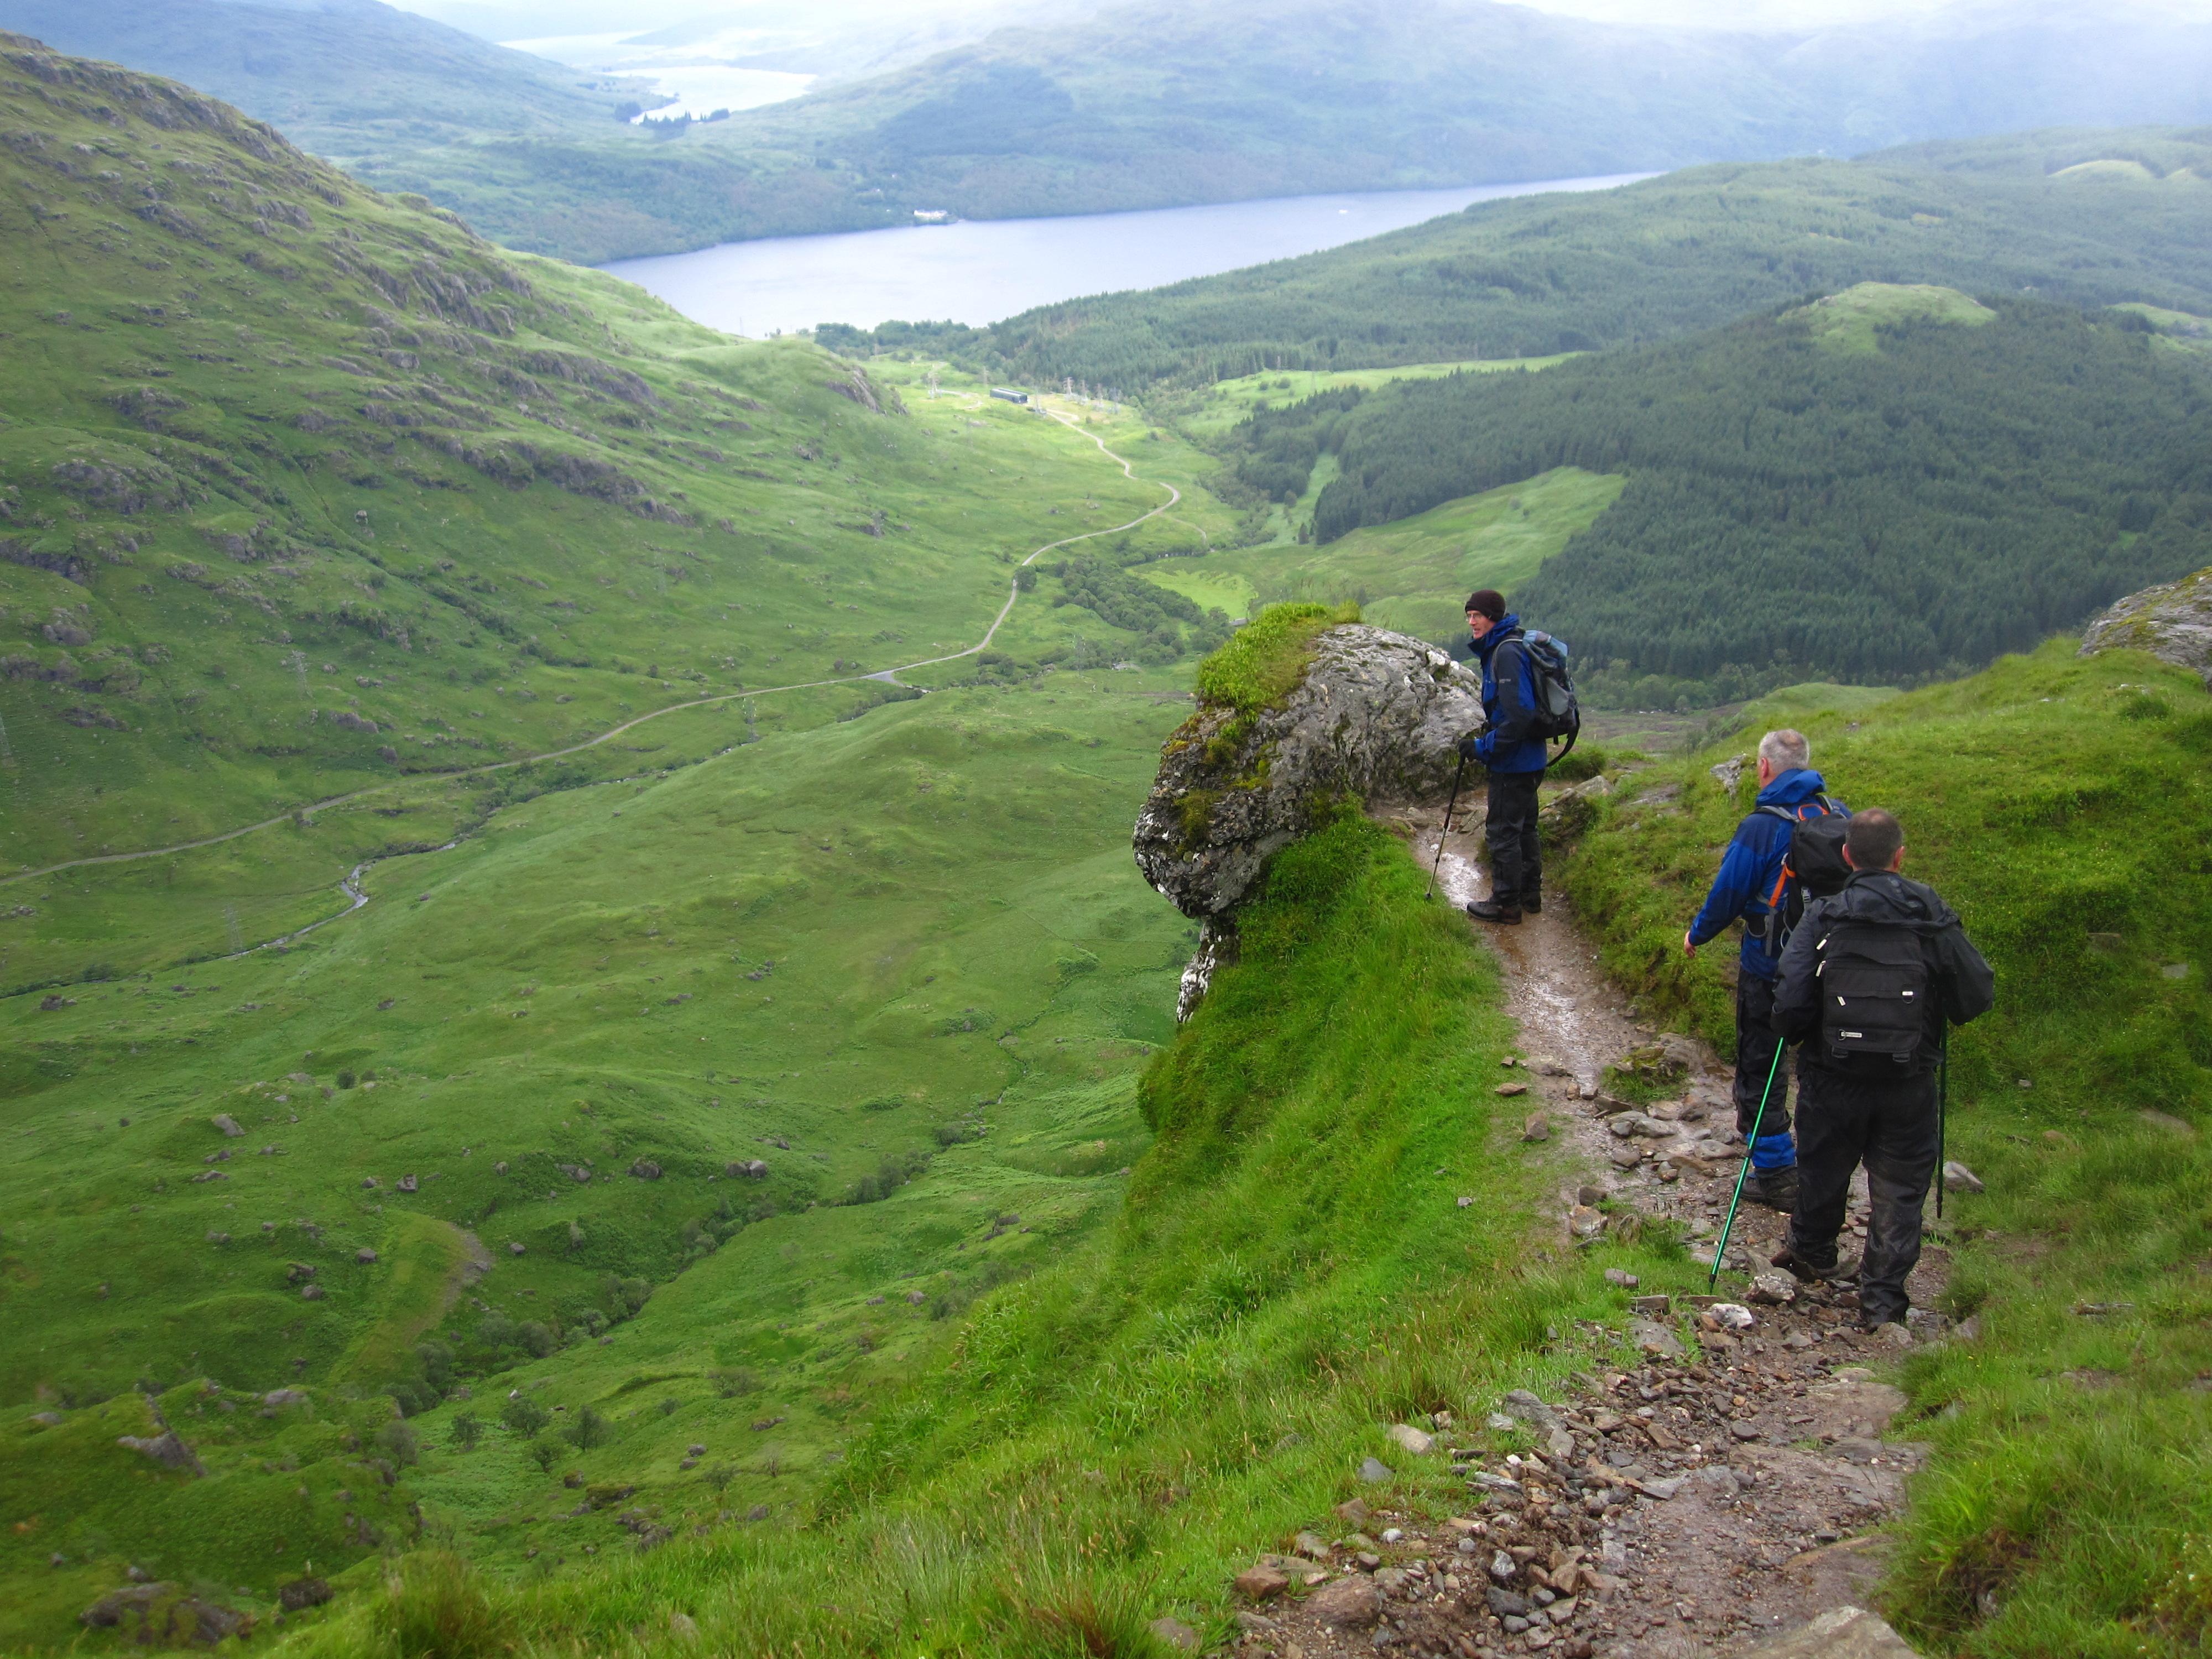 Ben Vorlich (Loch Lomond) by Loch Sloy